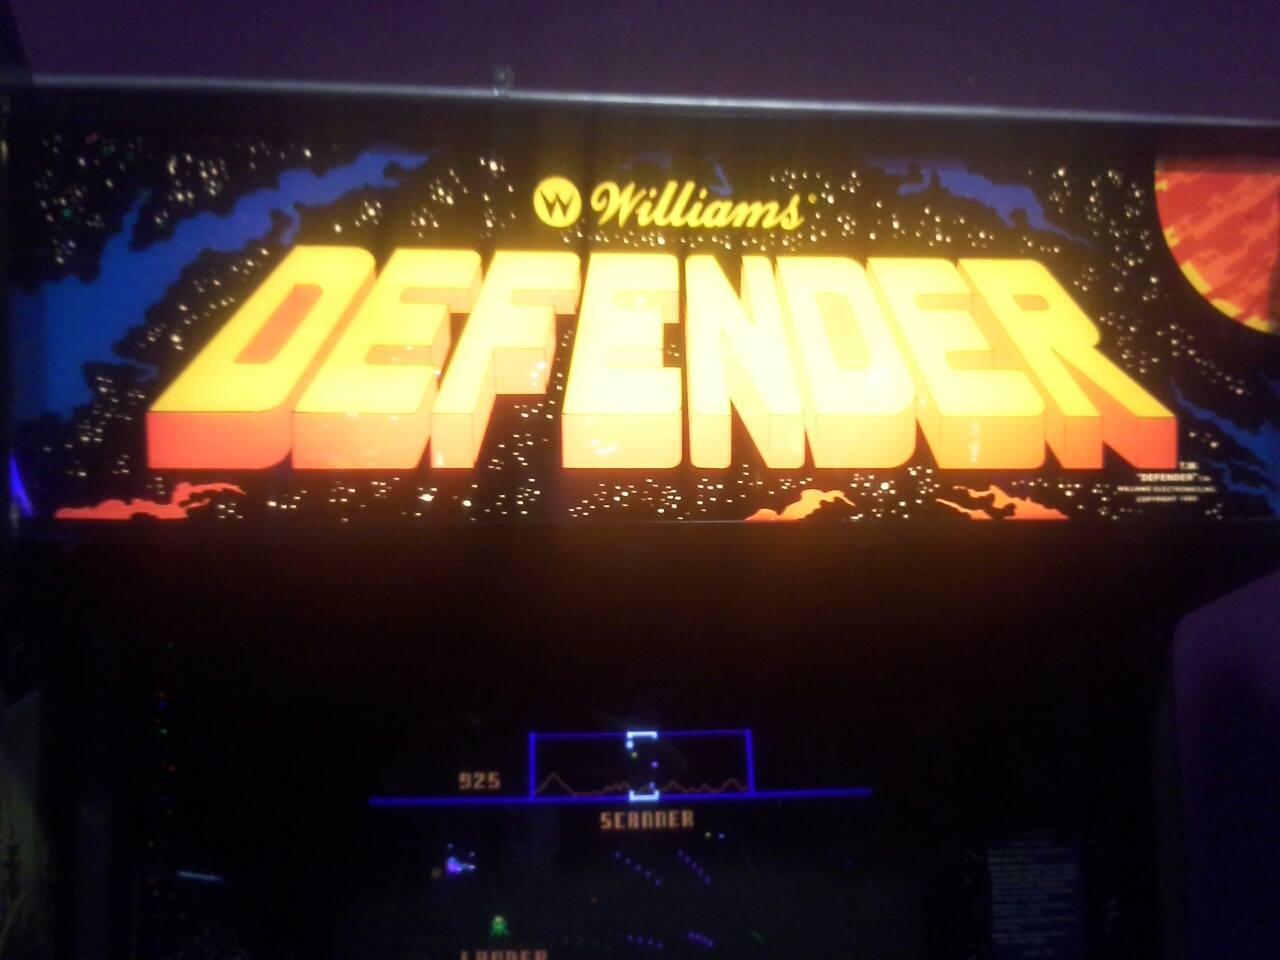 Defender 925 points